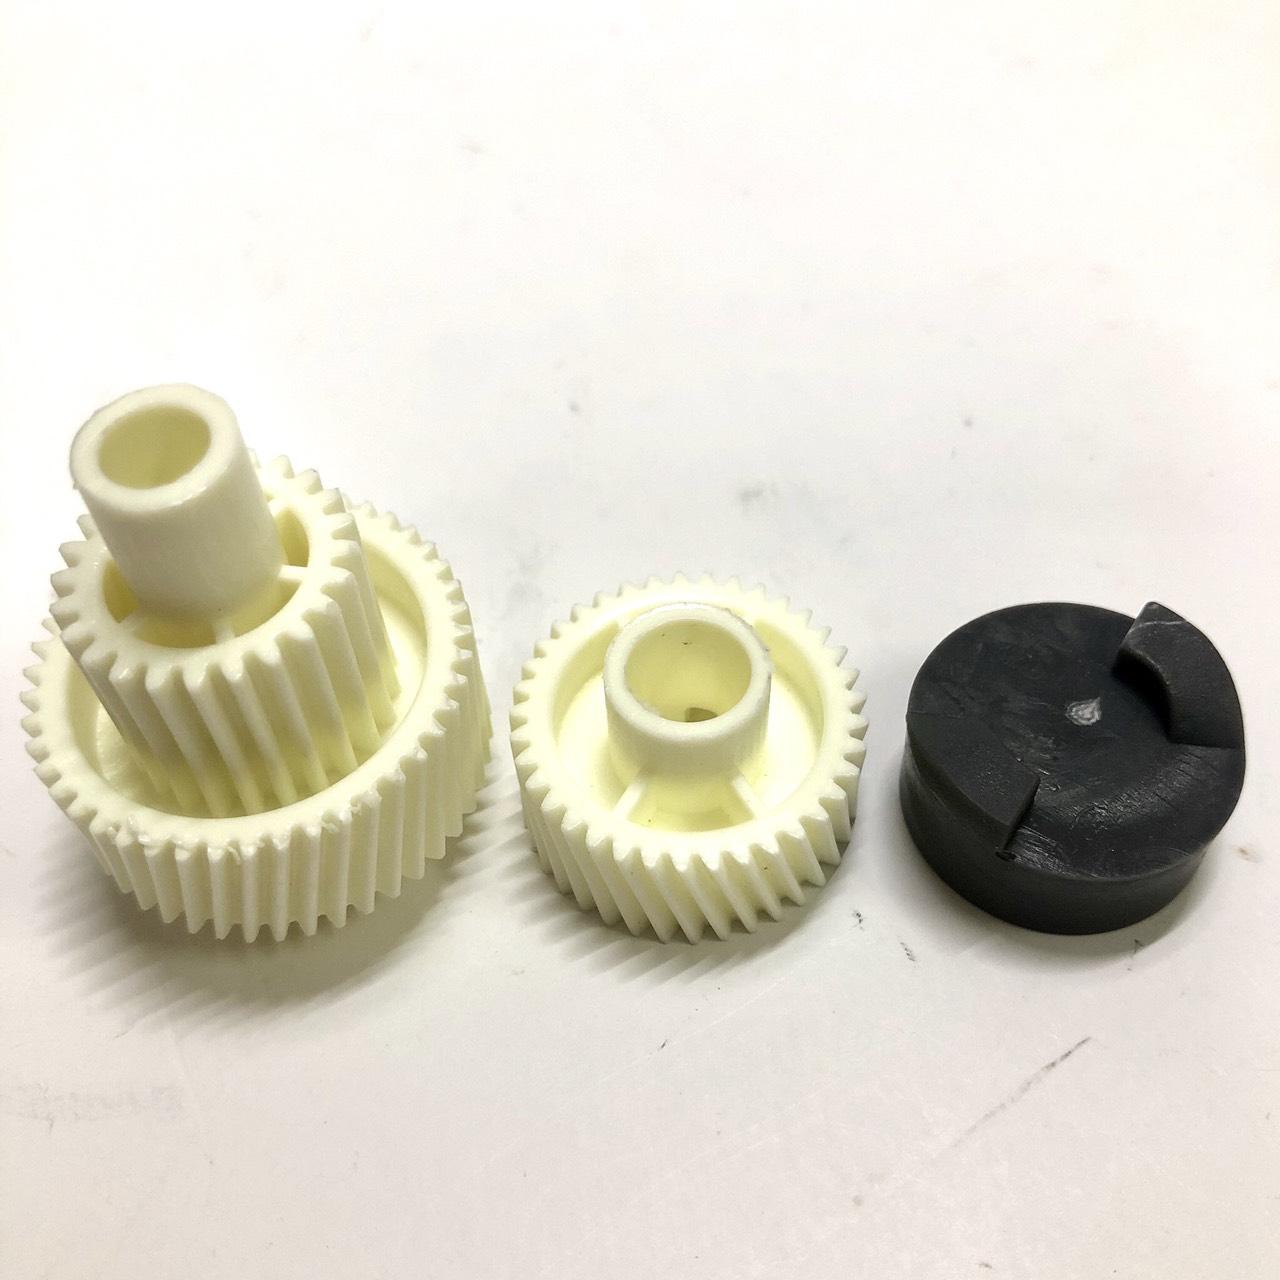 Bộ bánh răng (Nhông) mô tơ từ máy photocopy dùng cho Ricoh 1060, 2060, 2075, 5500, 6000, 6500, 7000, 7500, 8000, 6001, 7001, 6002, 7502, 8002, 7503